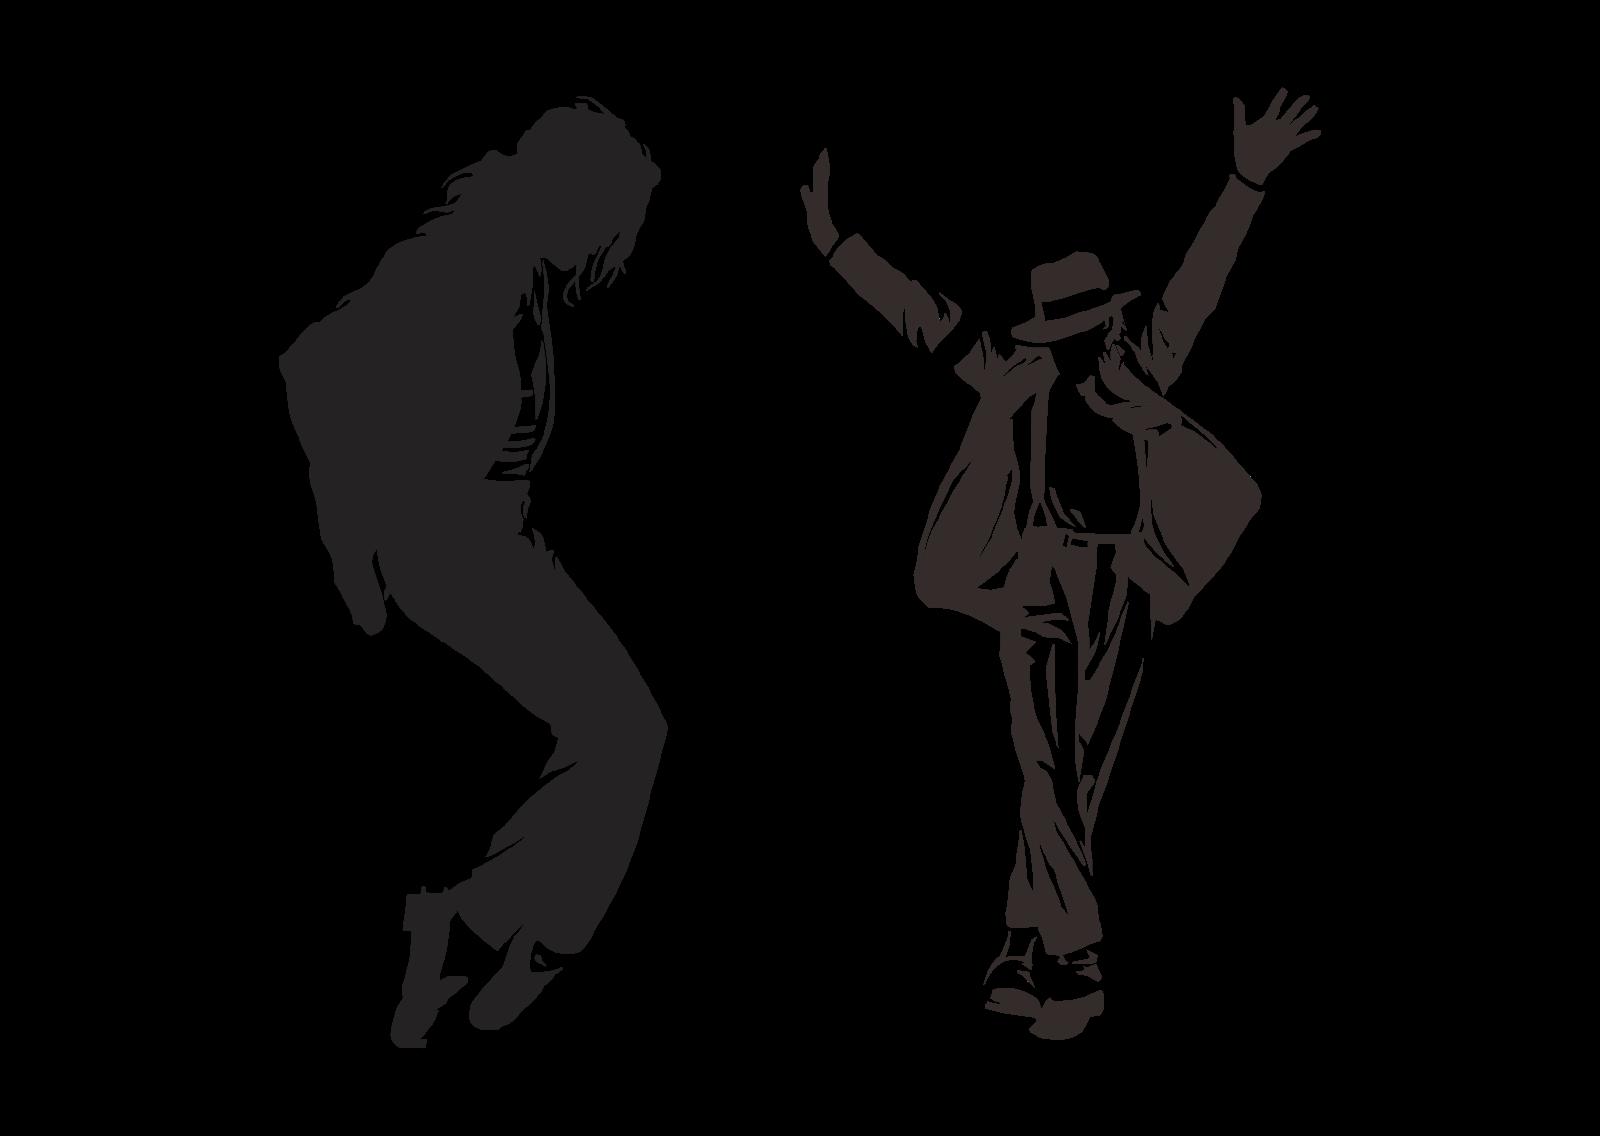 Michael Jackson Png Image Michael Jackson Jackson Michael